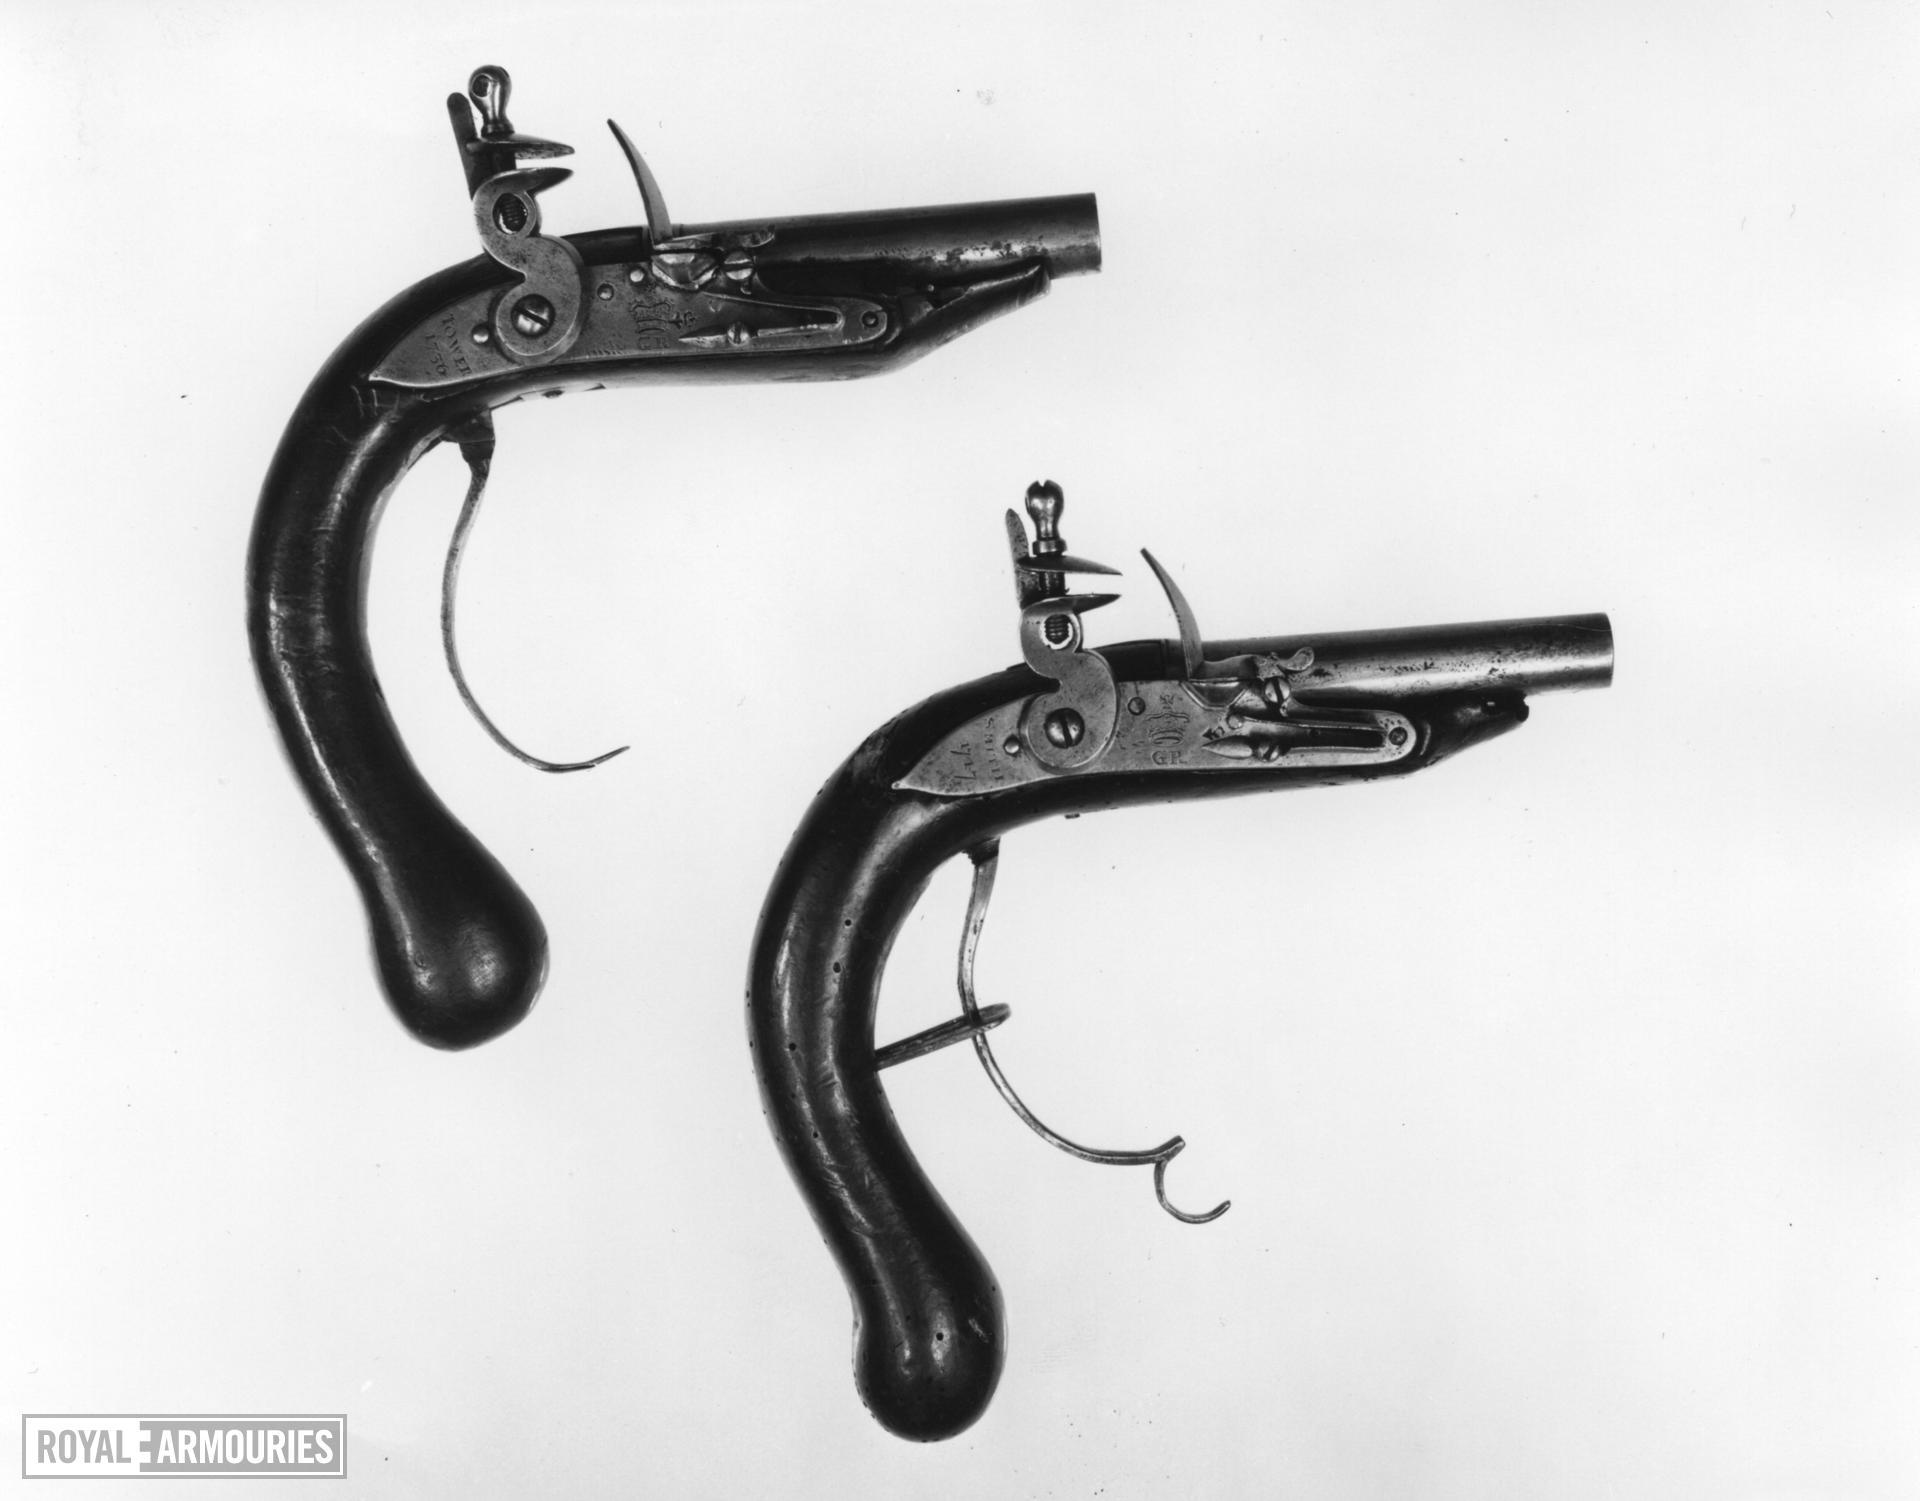 Flintlock muzzle-loading pistol - By Tower